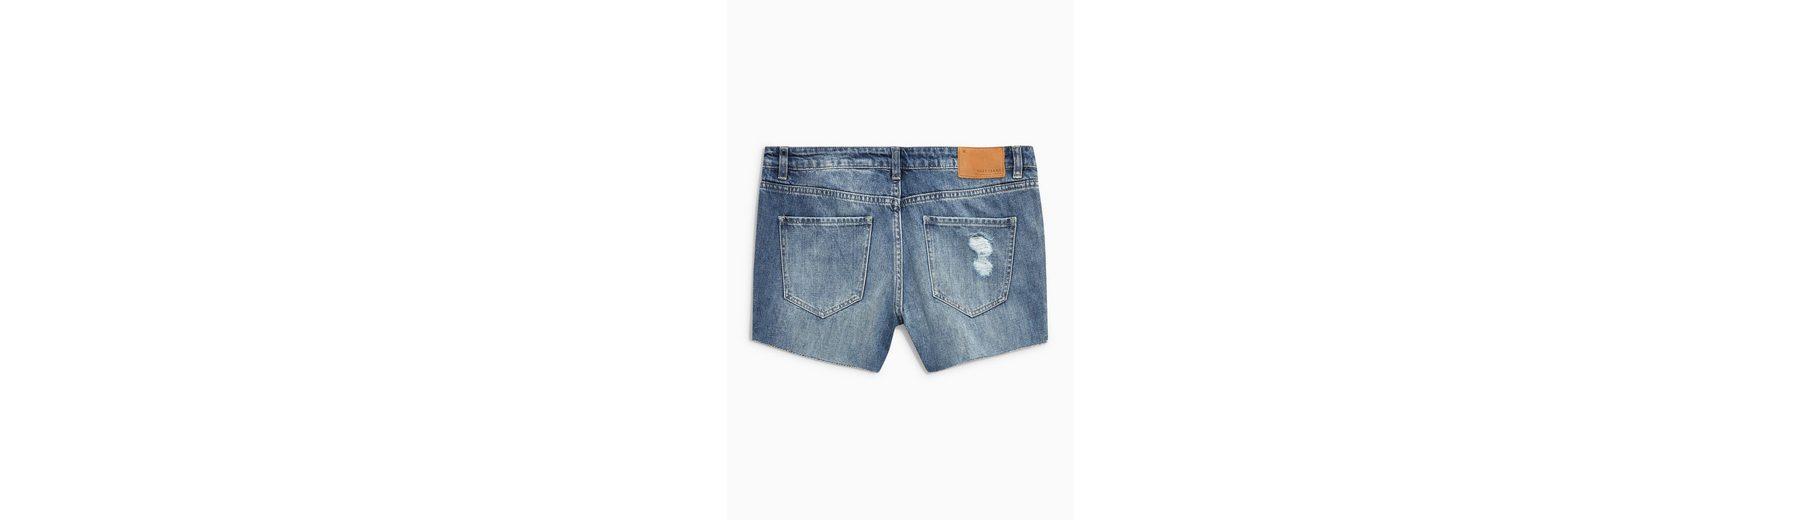 Next Denim-Shorts mit Fransensaum Günstig Kaufen In Deutschland Freie Verschiffen-Angebote Verkauf Neuer Stile Freies Verschiffen Bestes Geschäft Zu Bekommen EzgfisYy